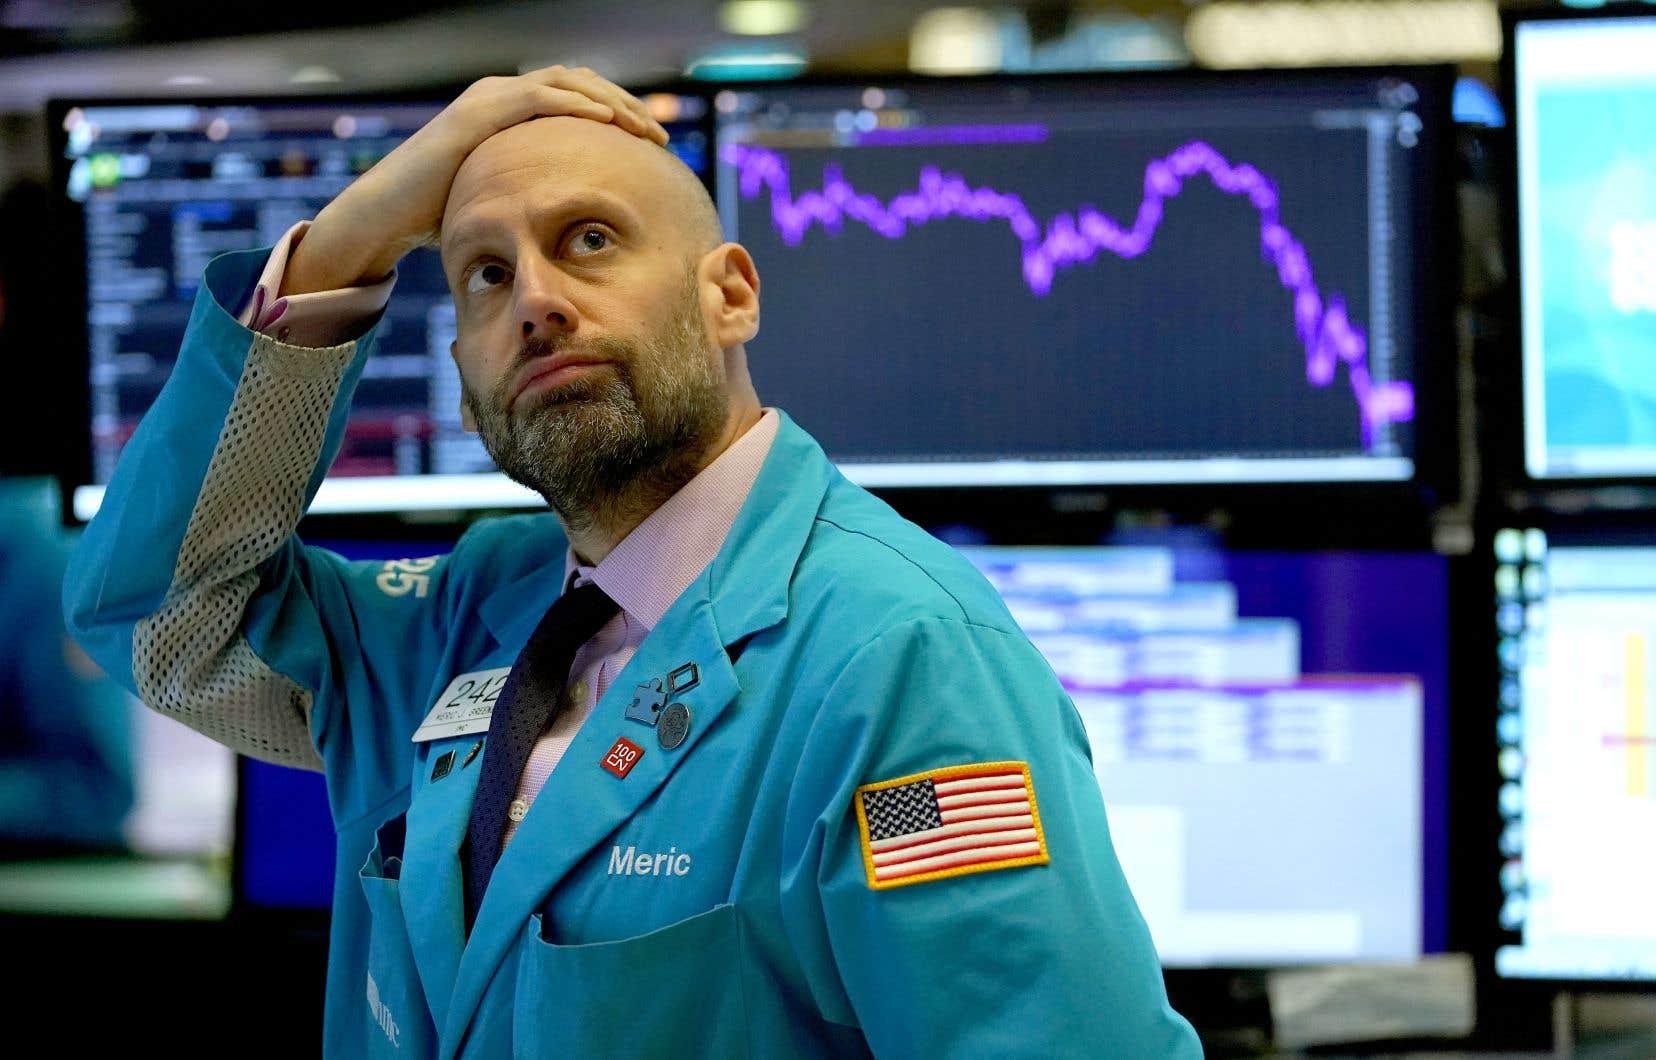 À peine quelques minutes après l'ouverture, la chute du S&P 500, baromètre des marchés, a entraîné les coupe-circuits.